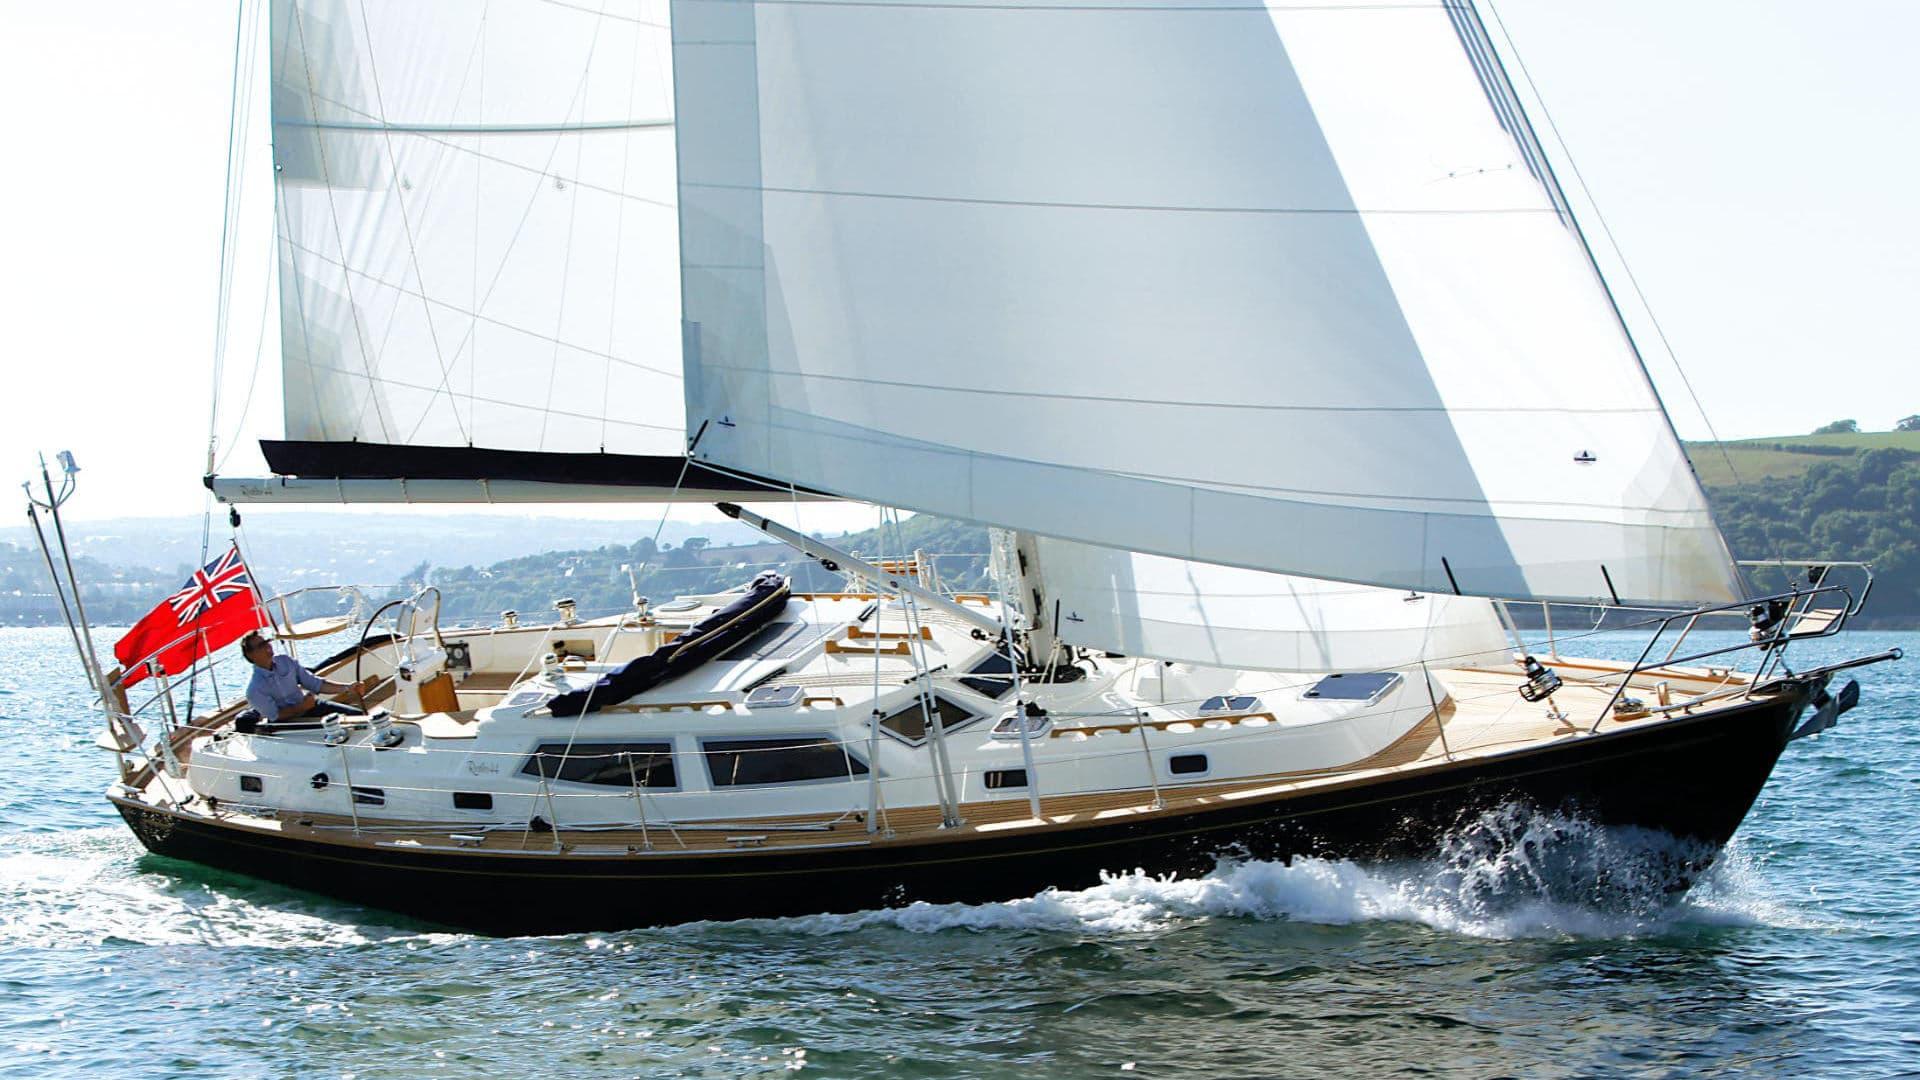 Rustler 44 sailing